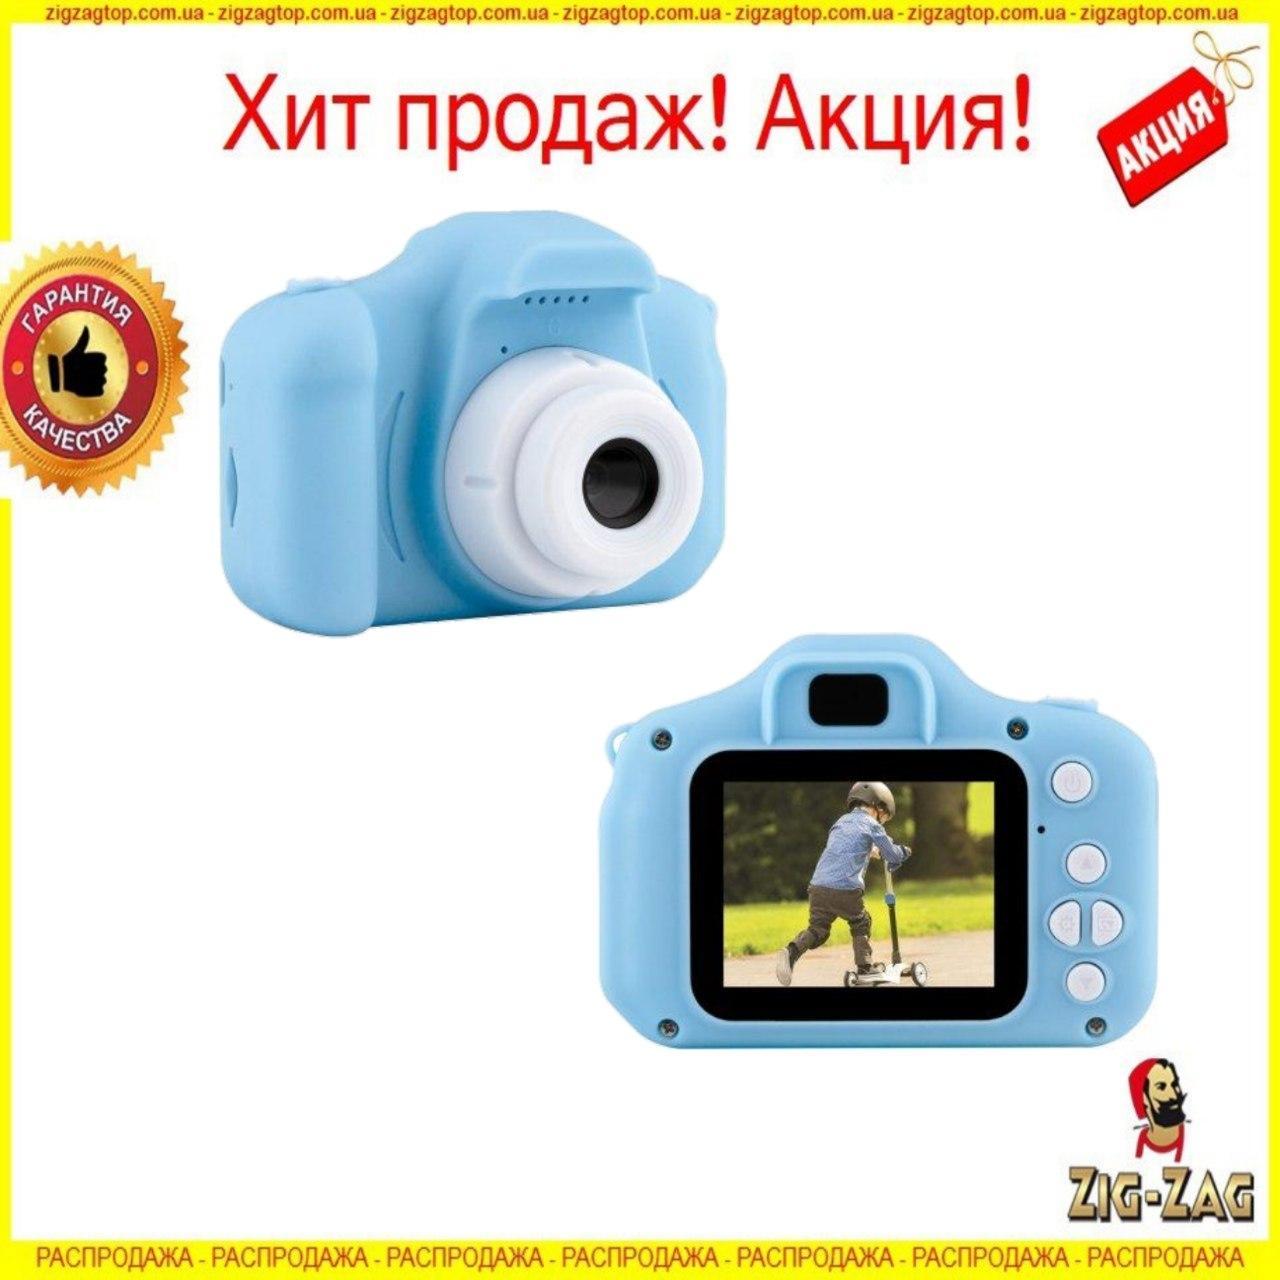 Детский Фотоаппарат GM14 Цифровой с Дисплеем Интерактивный с Играми для Детей с Записью Видео Camera-Kids